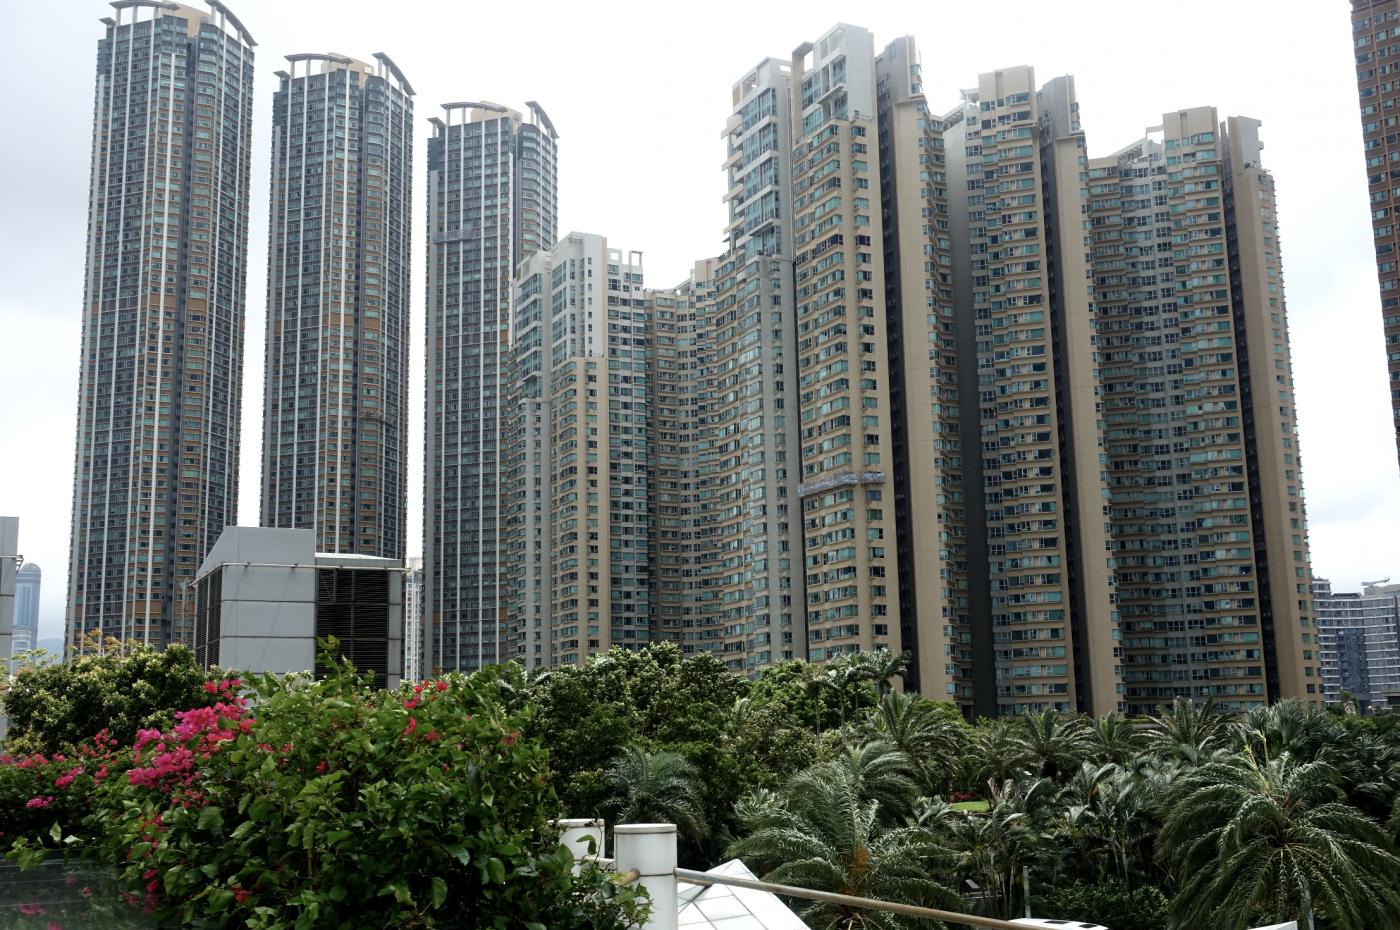 香港印象:高度商业化、整洁、有序_图1-17